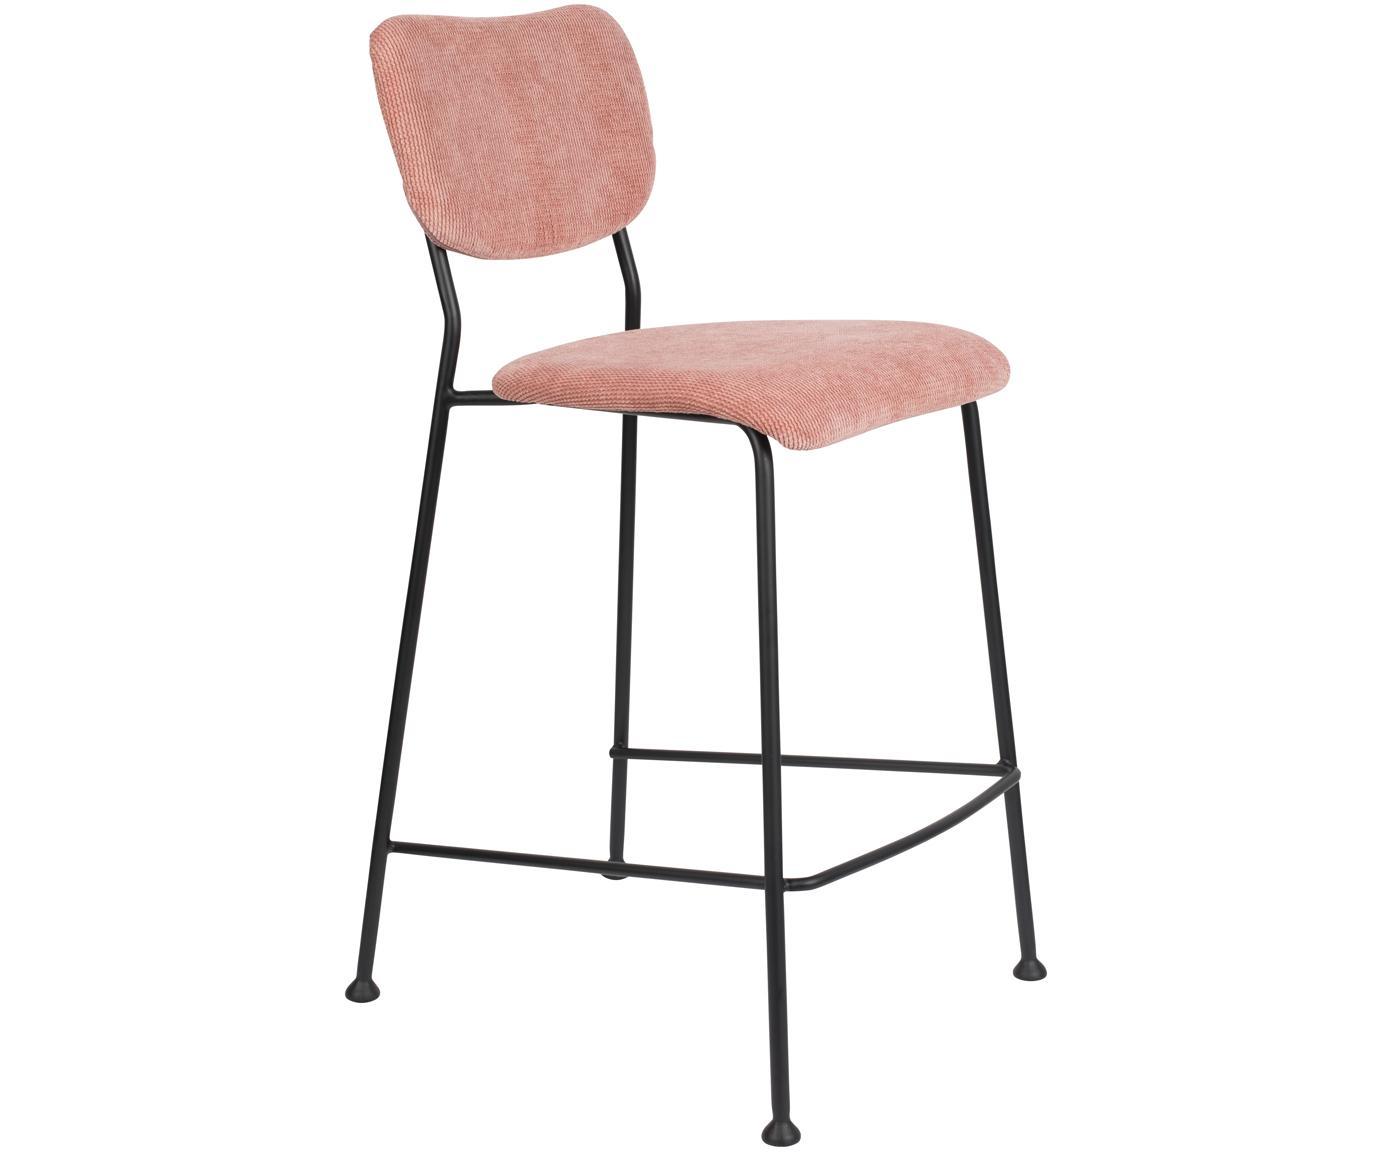 Sedia da banco in velluto a coste Beson, Sottostruttura: compensato, Struttura: metallo verniciato a polv, Rosa, Larg. 46 x Alt. 92 cm